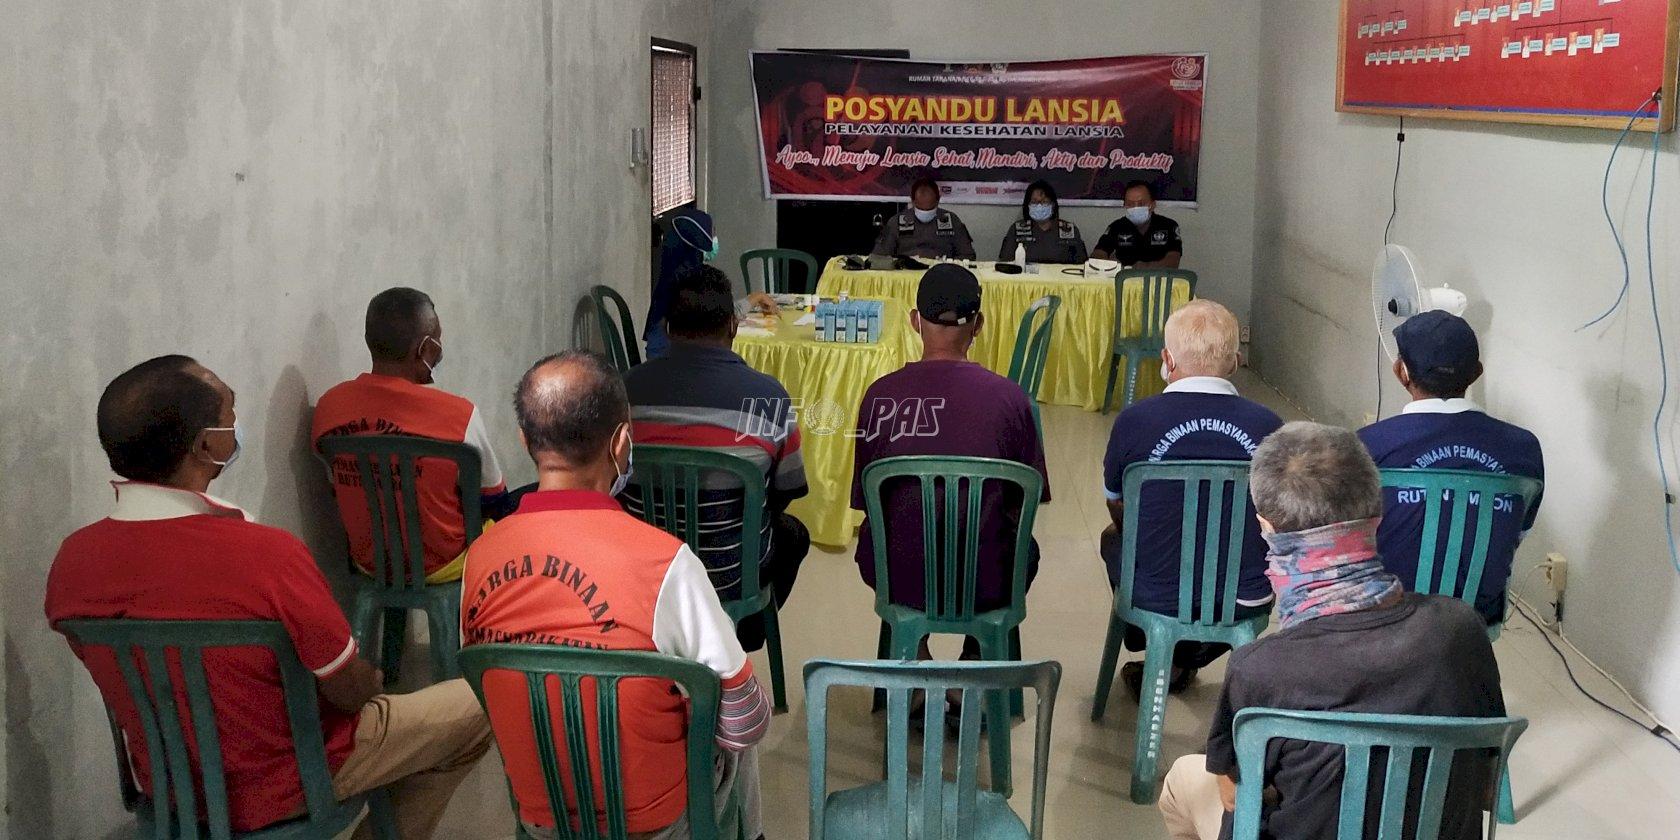 Peduli WBP Lansia, Rutan Ambon Kembali Hadirkan Posyandu Lansia